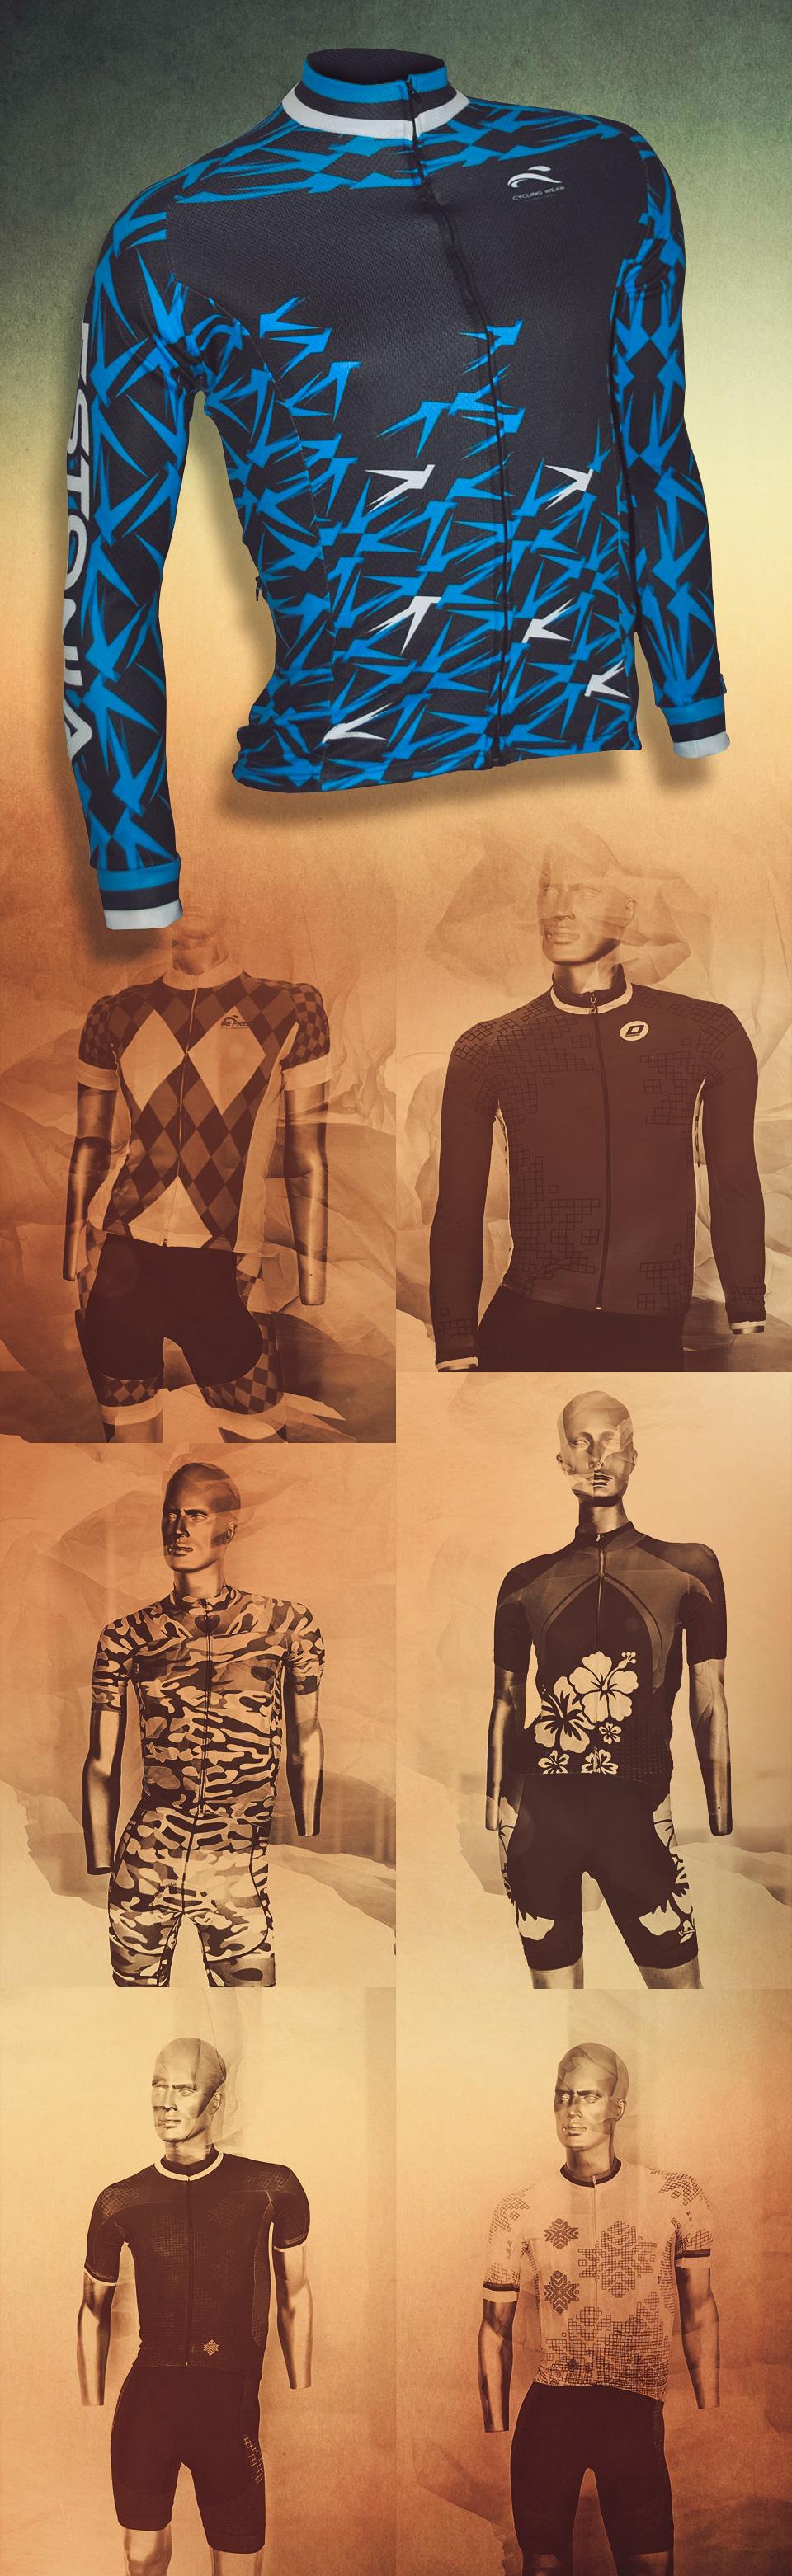 befree-cyclingwear-koikkoos